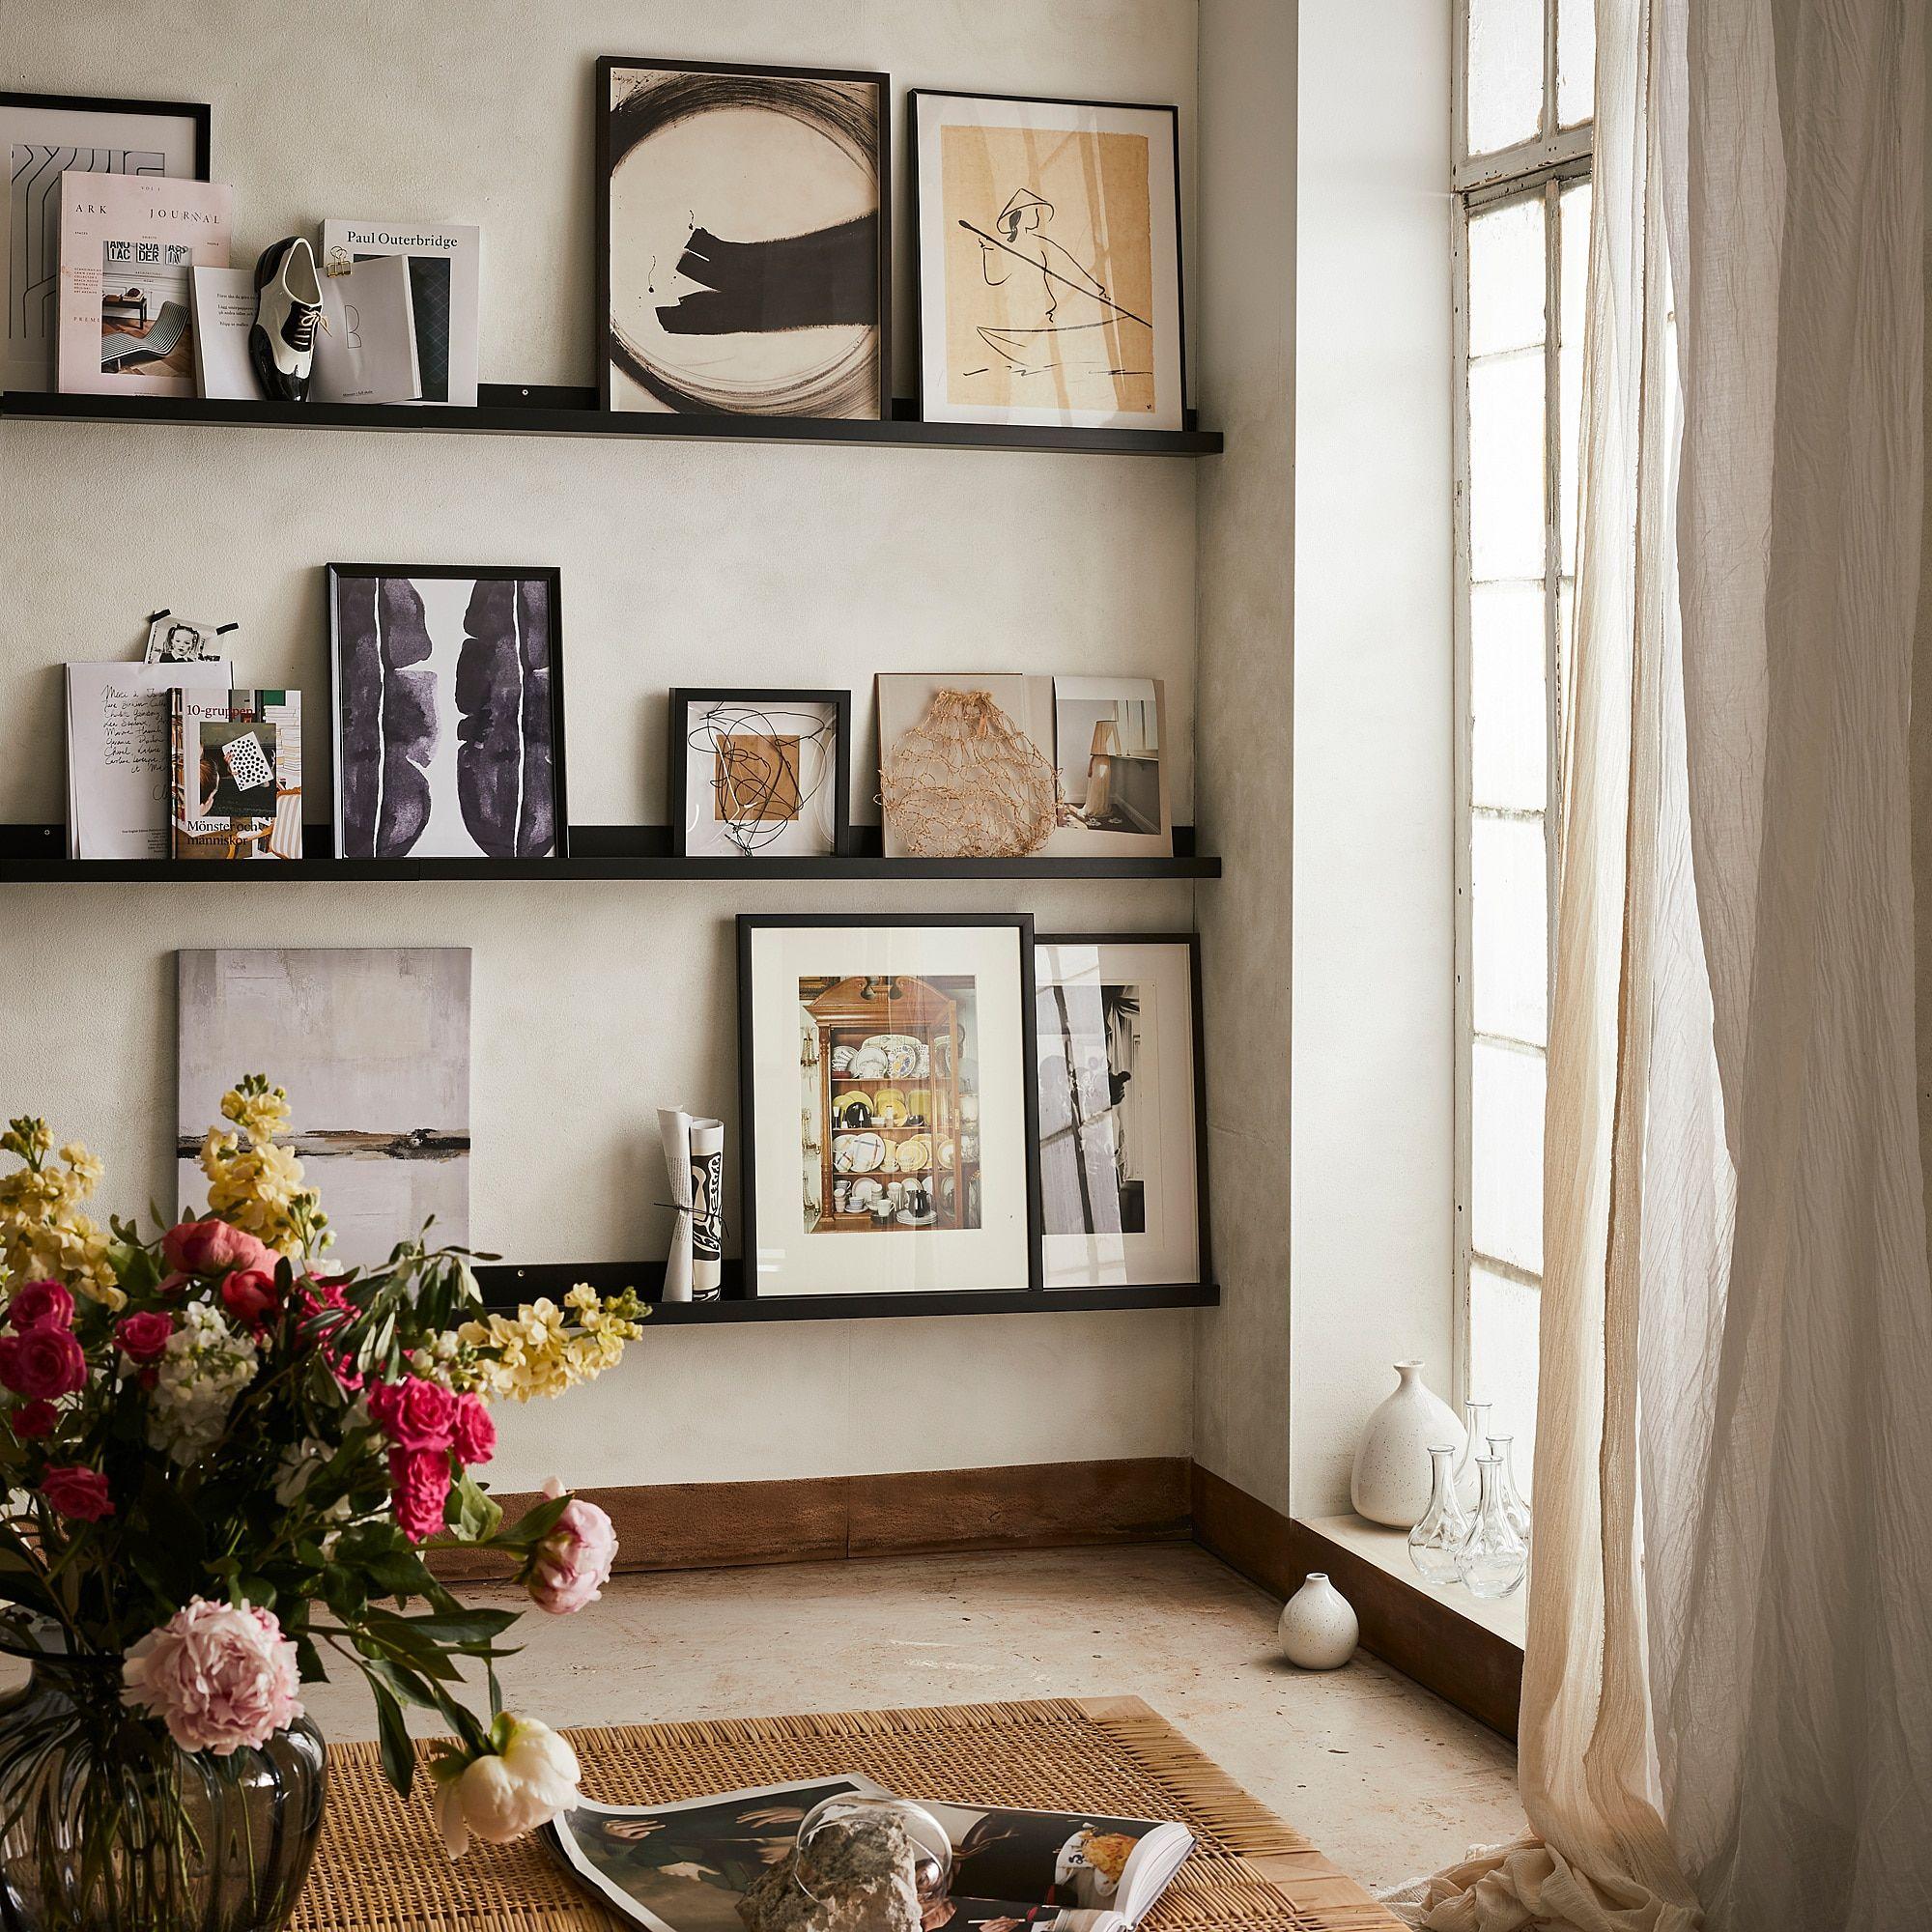 MOSSLANDA Bilderleiste – schwarz 115 cm